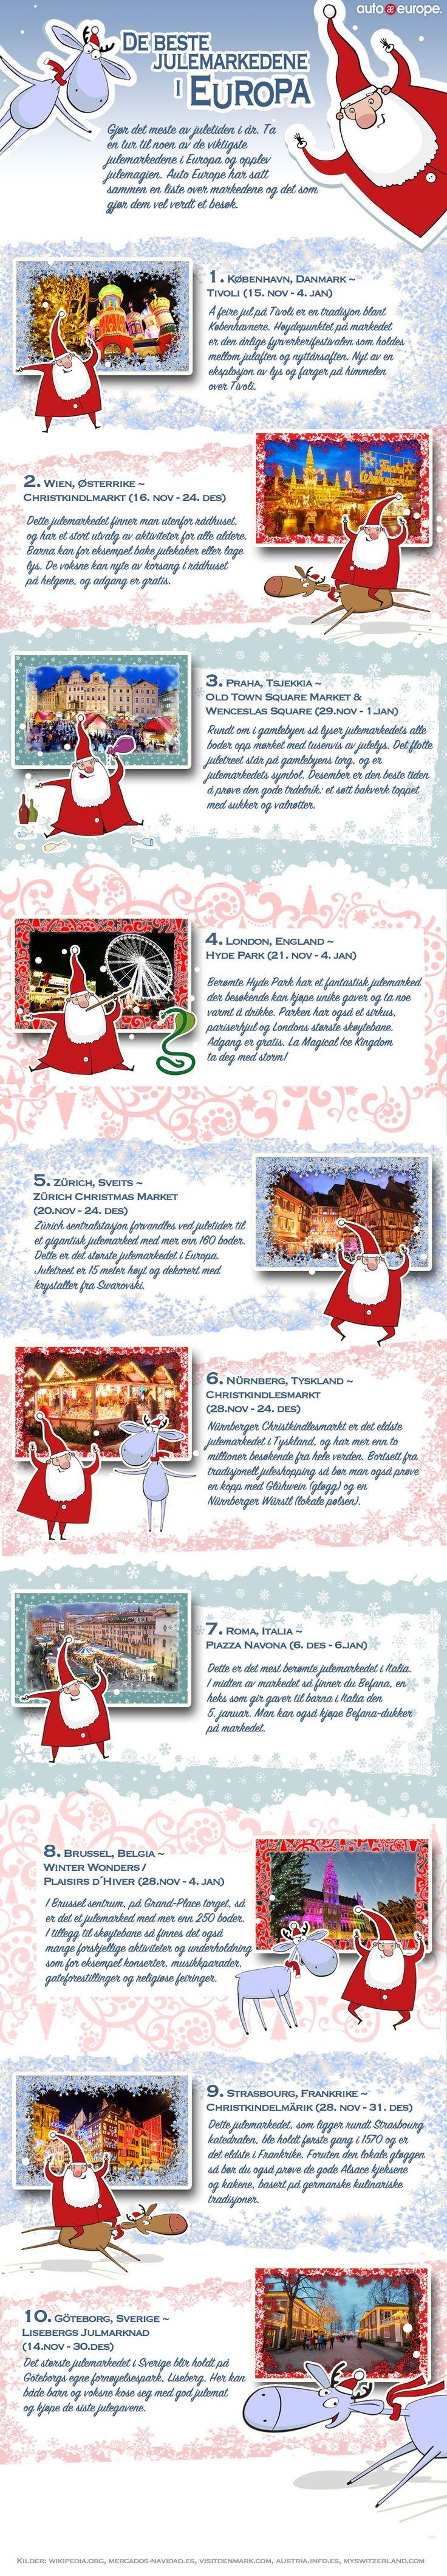 Infographic: De beste julemarkedene i Europa - Få mer info om våre infographics her: http://www.autoeurope.no/go/infographics/